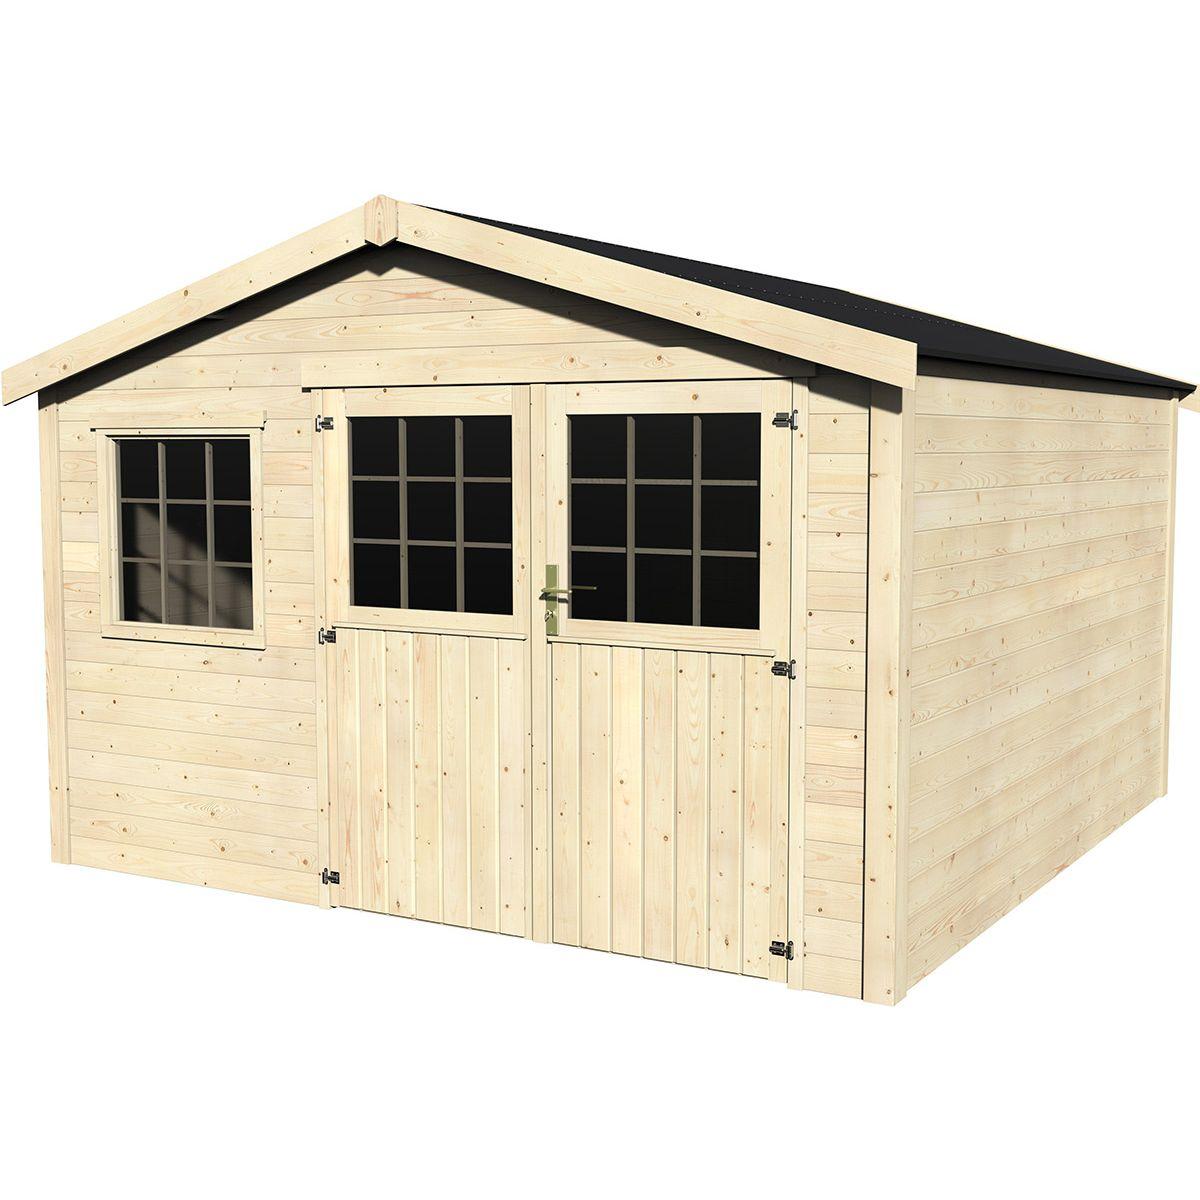 Grande Cabane De Jardin Pas Cher abri de jardin bois tourville 28 mm - 11,40 m² - taille